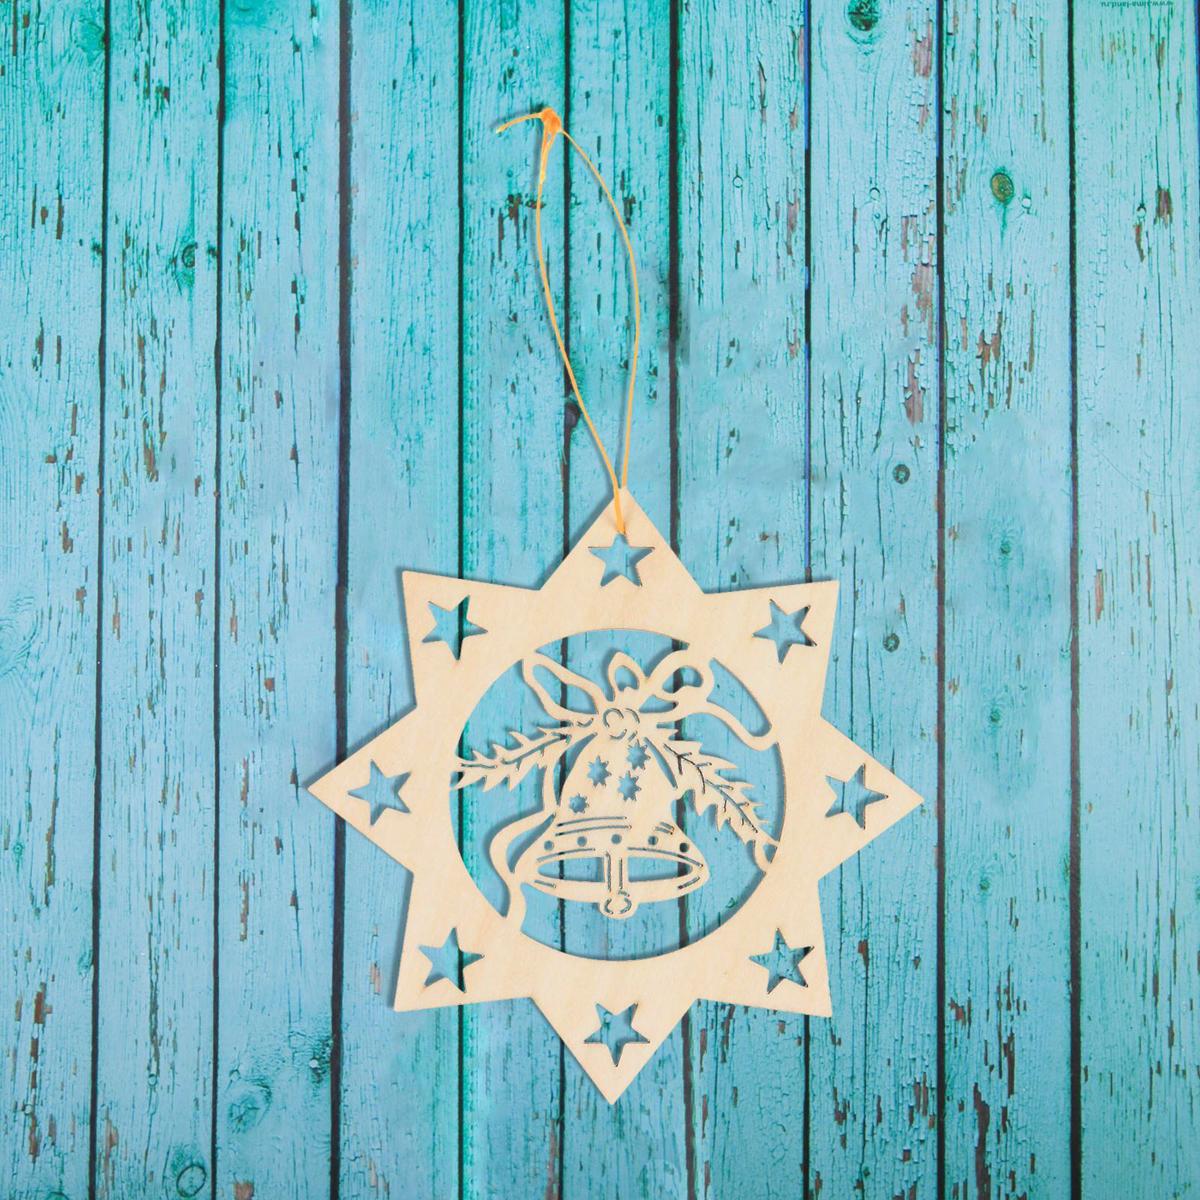 Новогоднее подвесное украшение Sima-land Снежинка с колокольчиком, под роспись, 10 х 10 см1393685Новогоднее украшение Sima-land отлично подойдет для декорации вашего дома и новогодней ели. Елочная игрушка - символ Нового года. Она несет в себе волшебство и красоту праздника. Такое украшение создаст в вашем доме атмосферу праздника, веселья и радости.